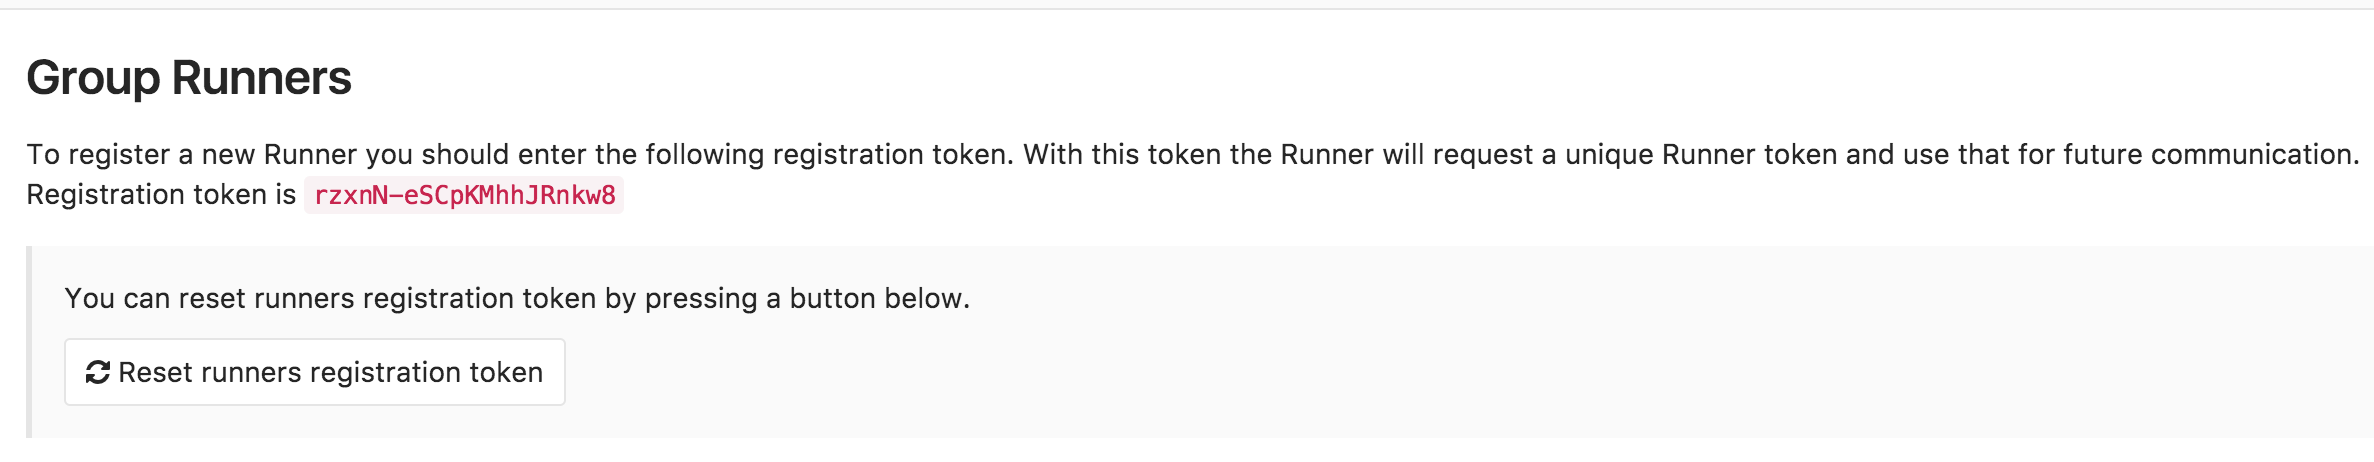 GitLab Runners for groups